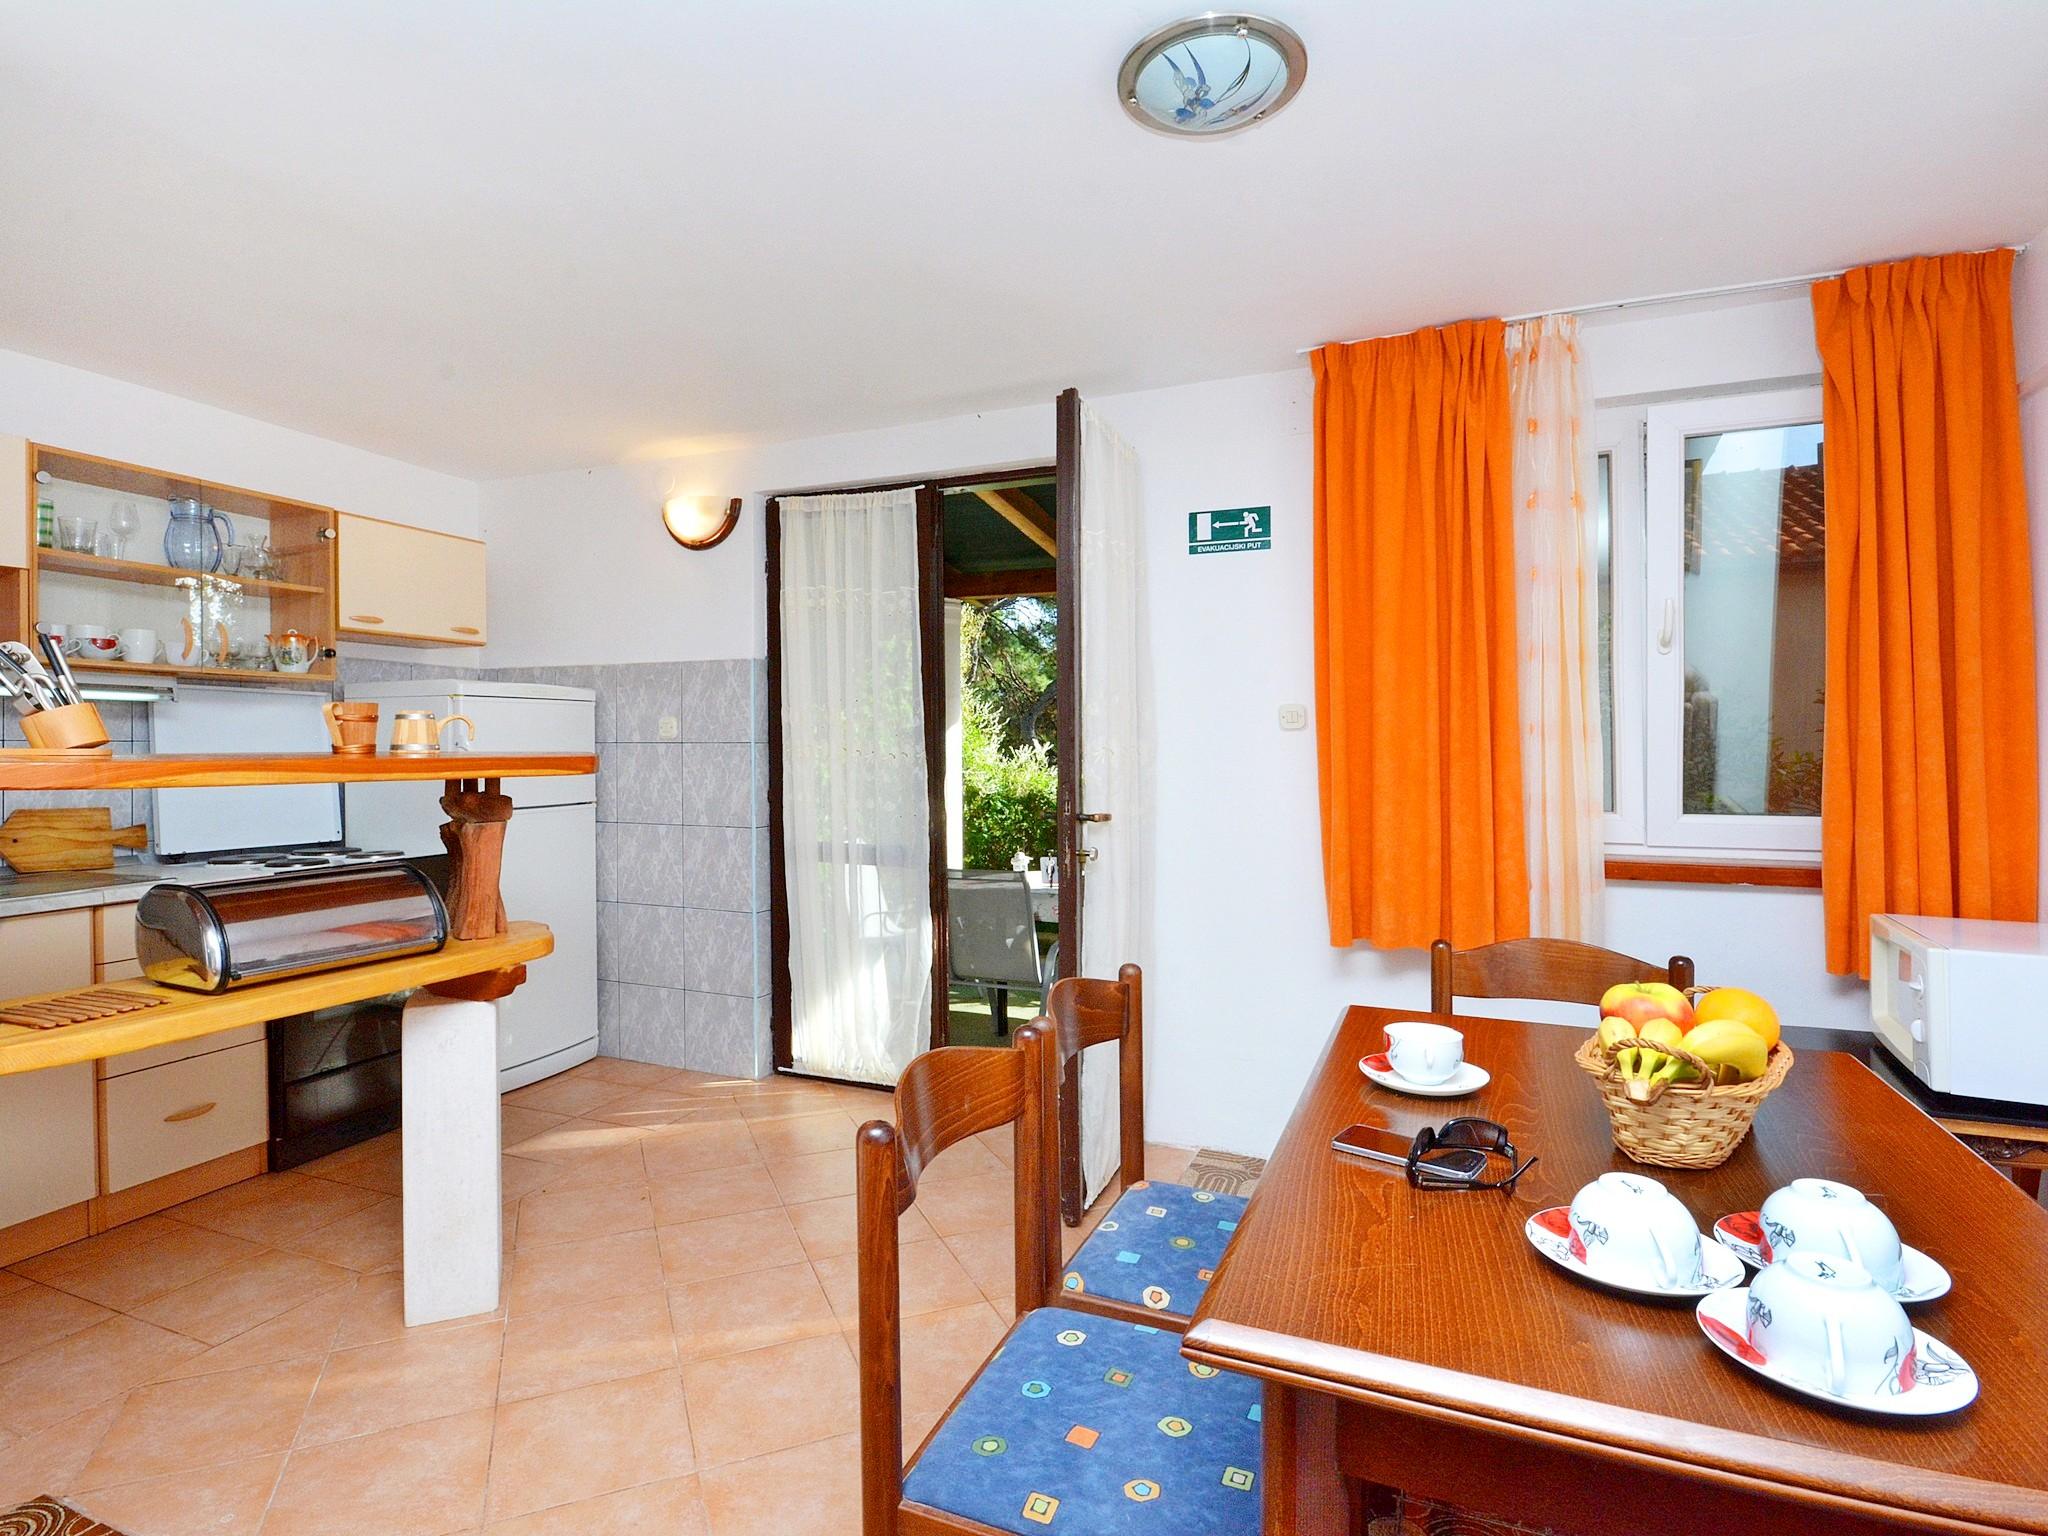 Ferienwohnung Ferienwohnungen Duaan, Apartman A4 (942266), Vrbanj, Insel Hvar, Dalmatien, Kroatien, Bild 14